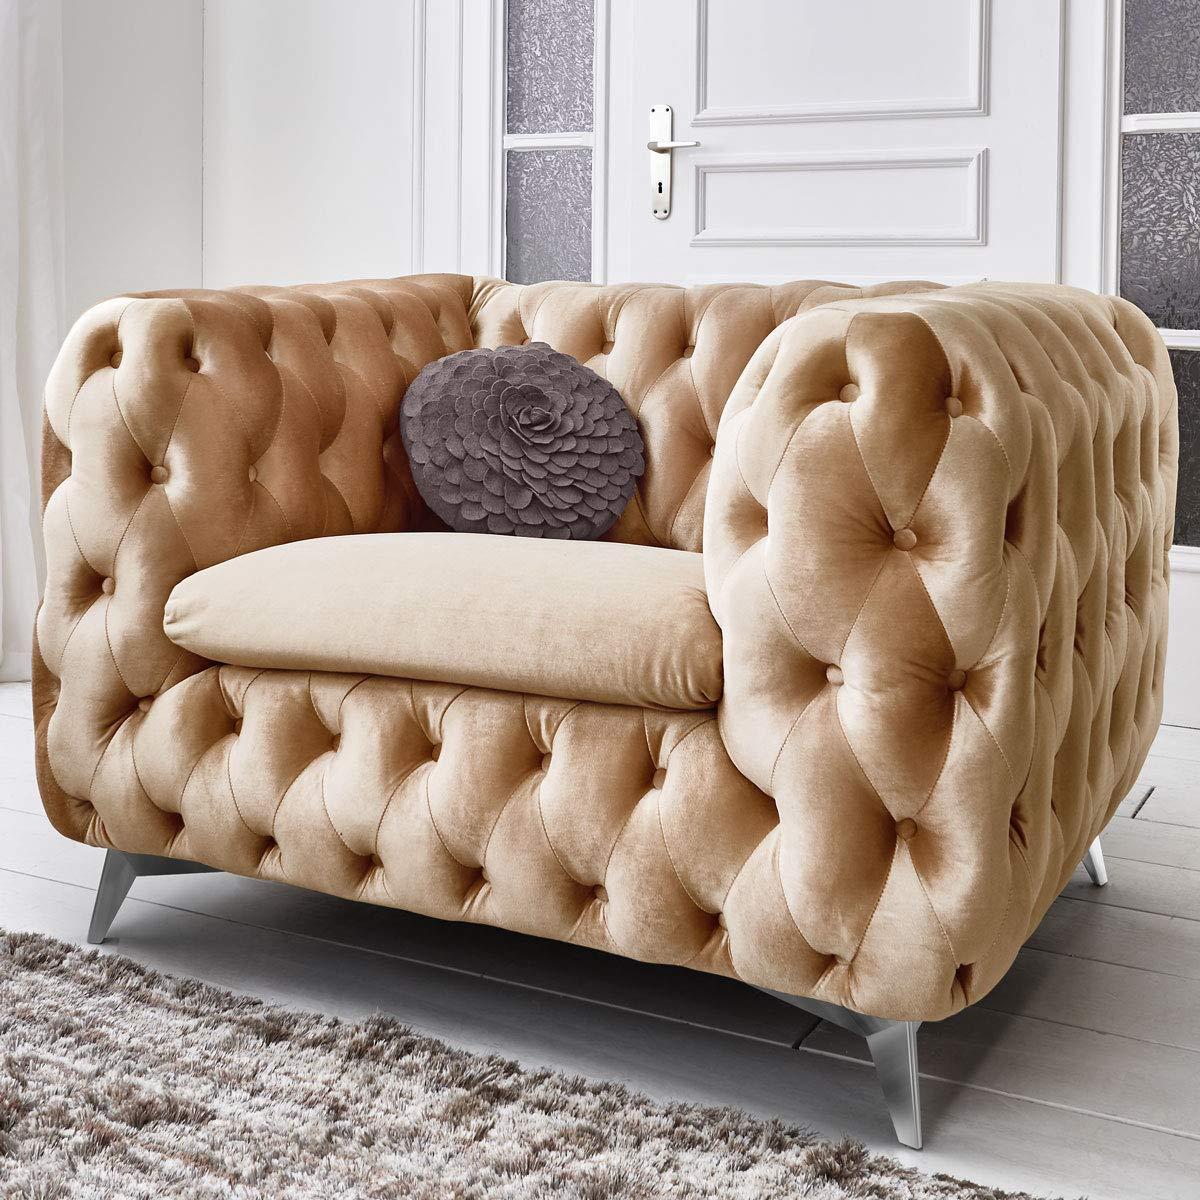 Chesterfield Sofa Couch Stoff Samt 3 Sitzer 2 Sitzer Sessel 1 Sitzer Designer Möbel Emma (1-Sitzer, Beige) 3